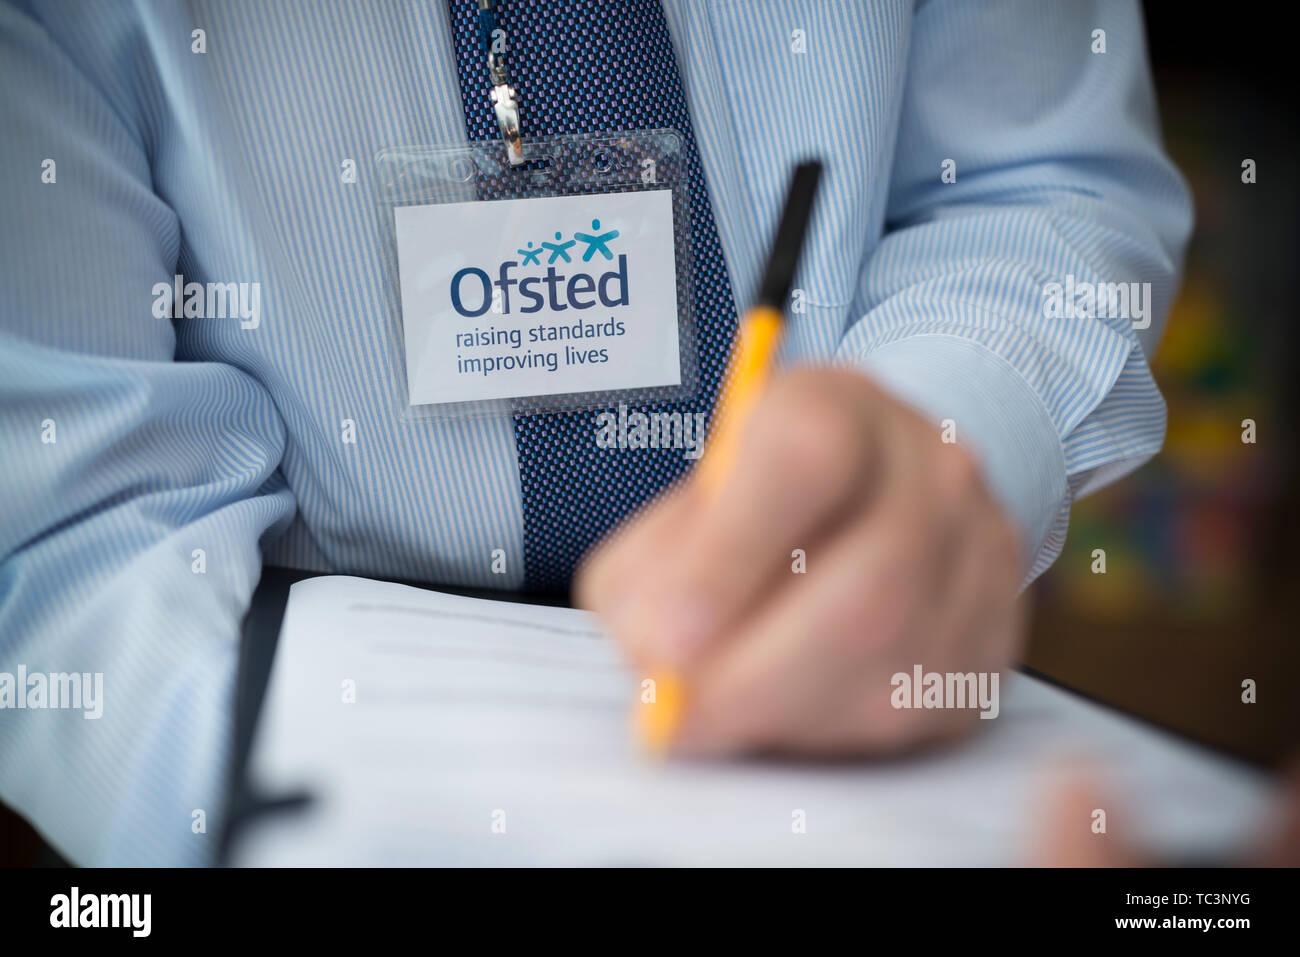 Un homme vêtu d'une chemise et une cravate avec une longe l'Ofsted semble être la compilation d'un rapport à l'aide d'un stylo et presse-papiers. (Usage éditorial uniquement) Photo Stock